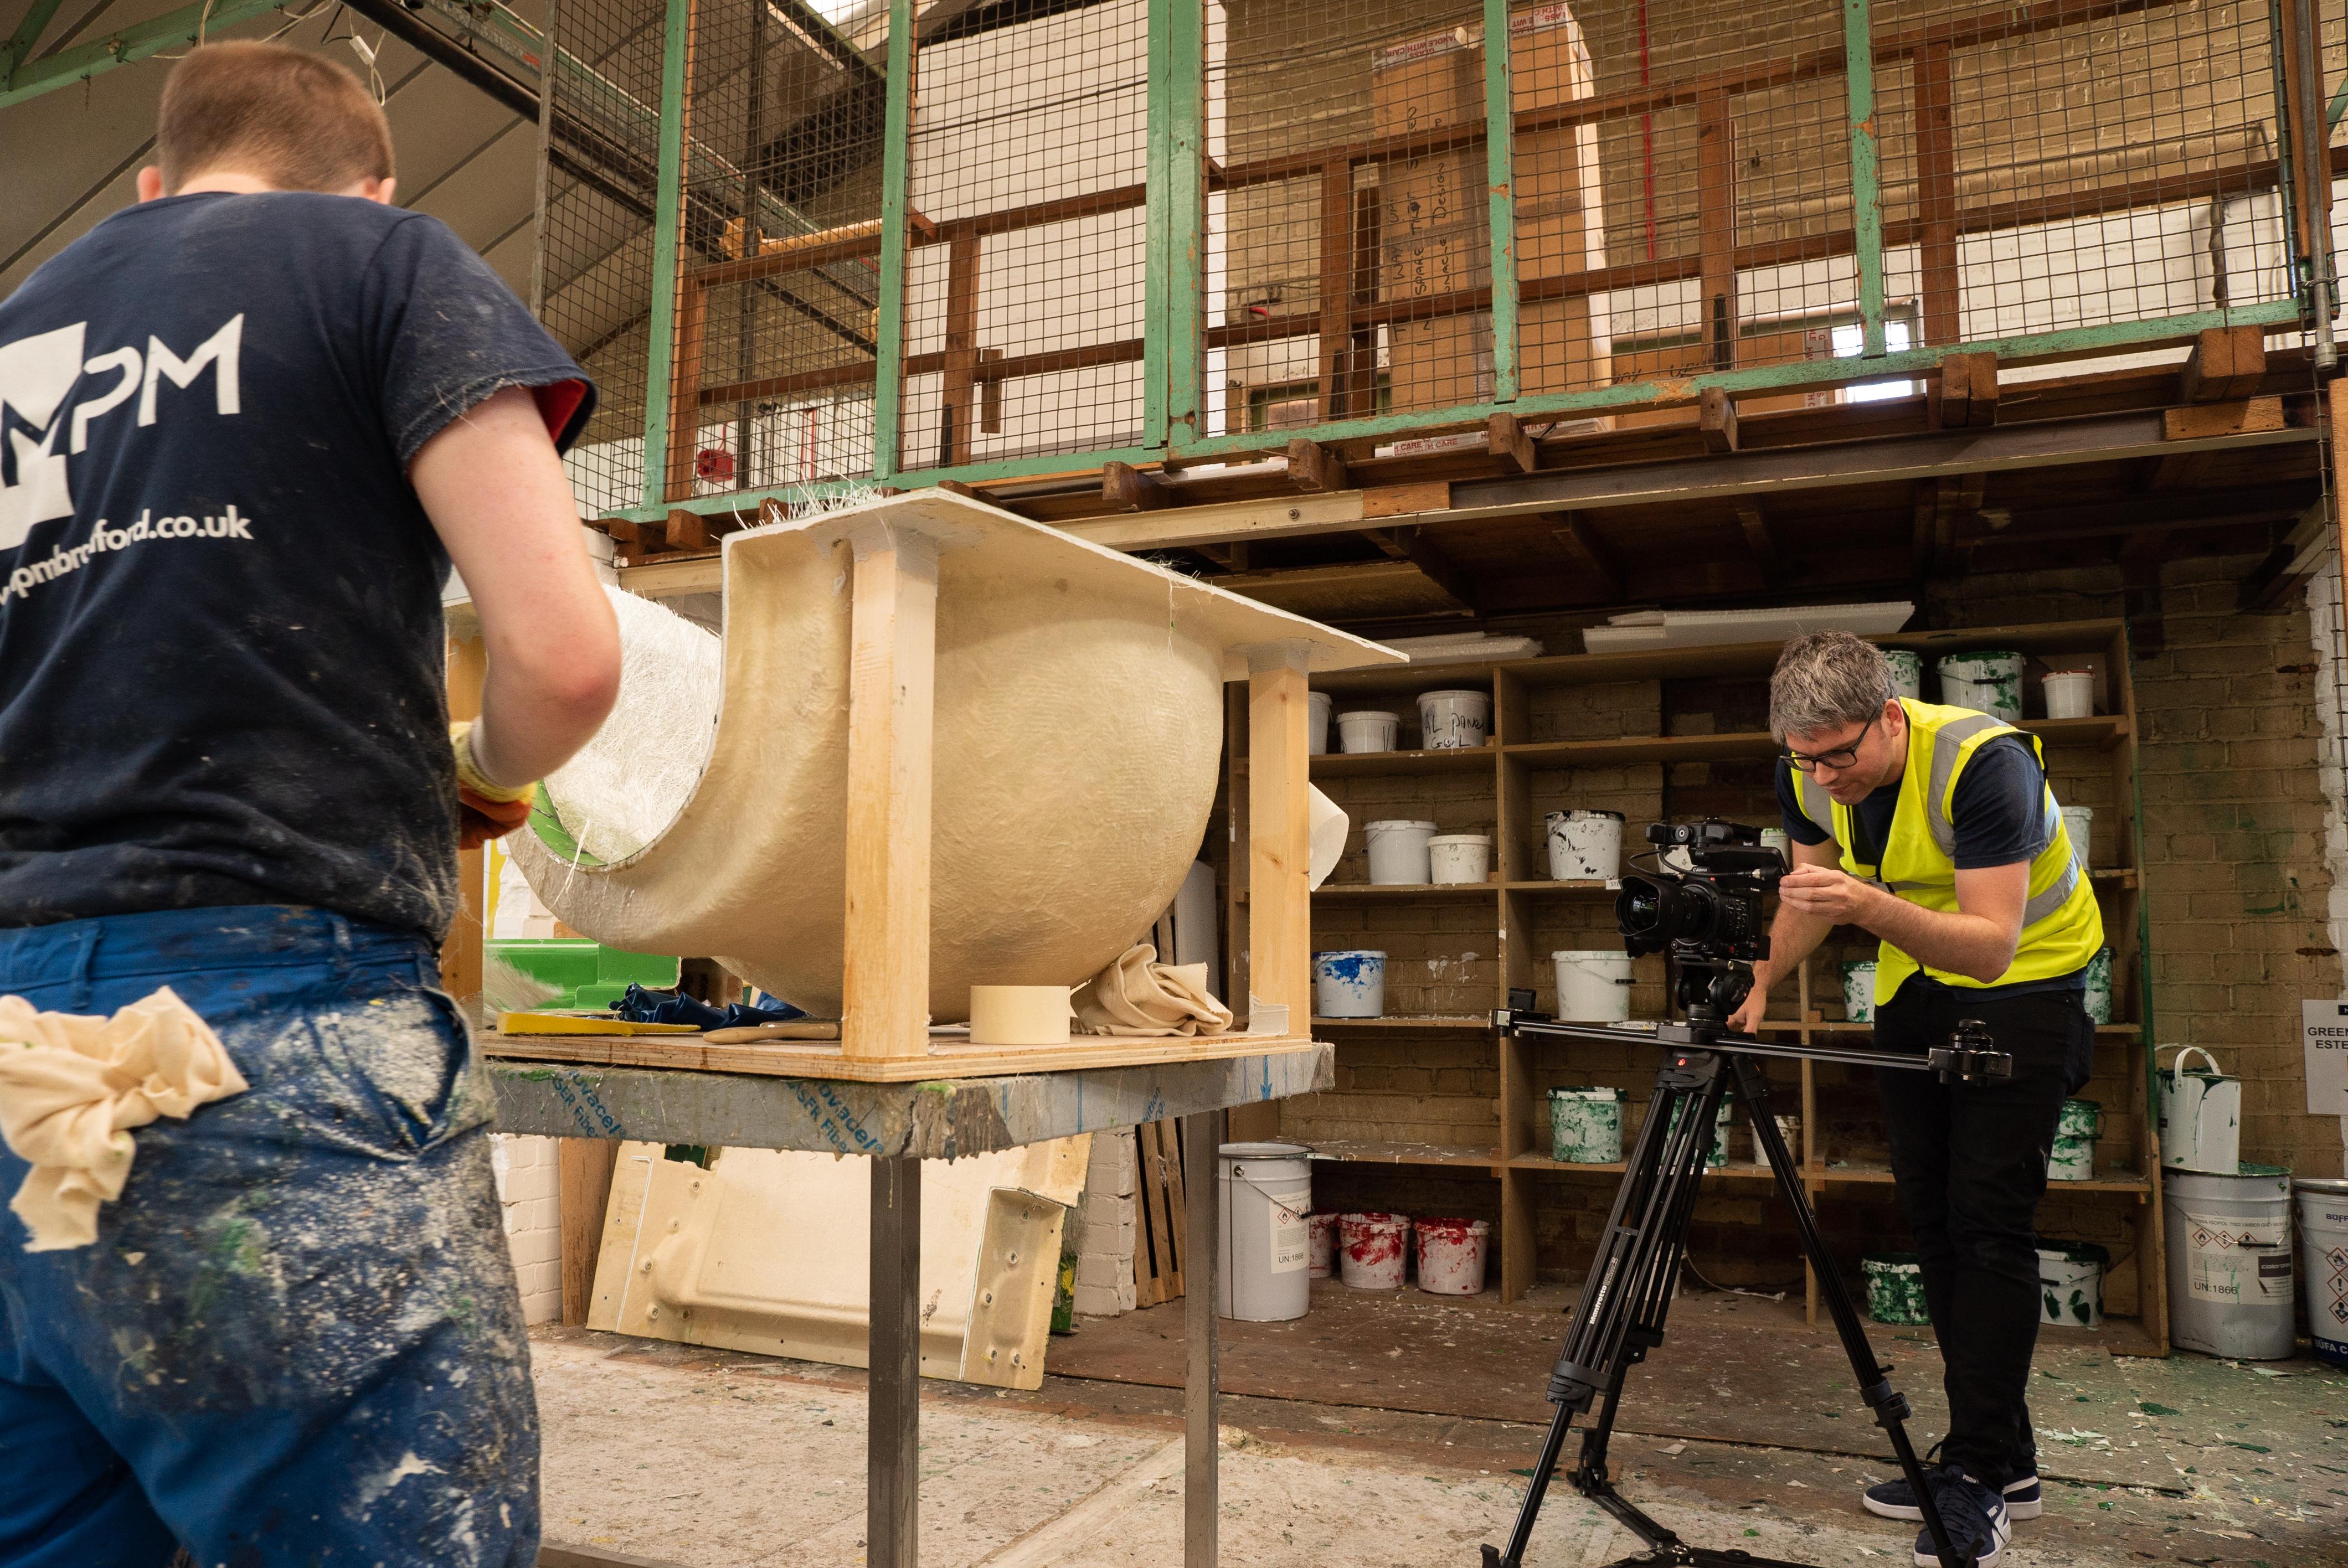 Camera man filming workman making a fibreglass mould